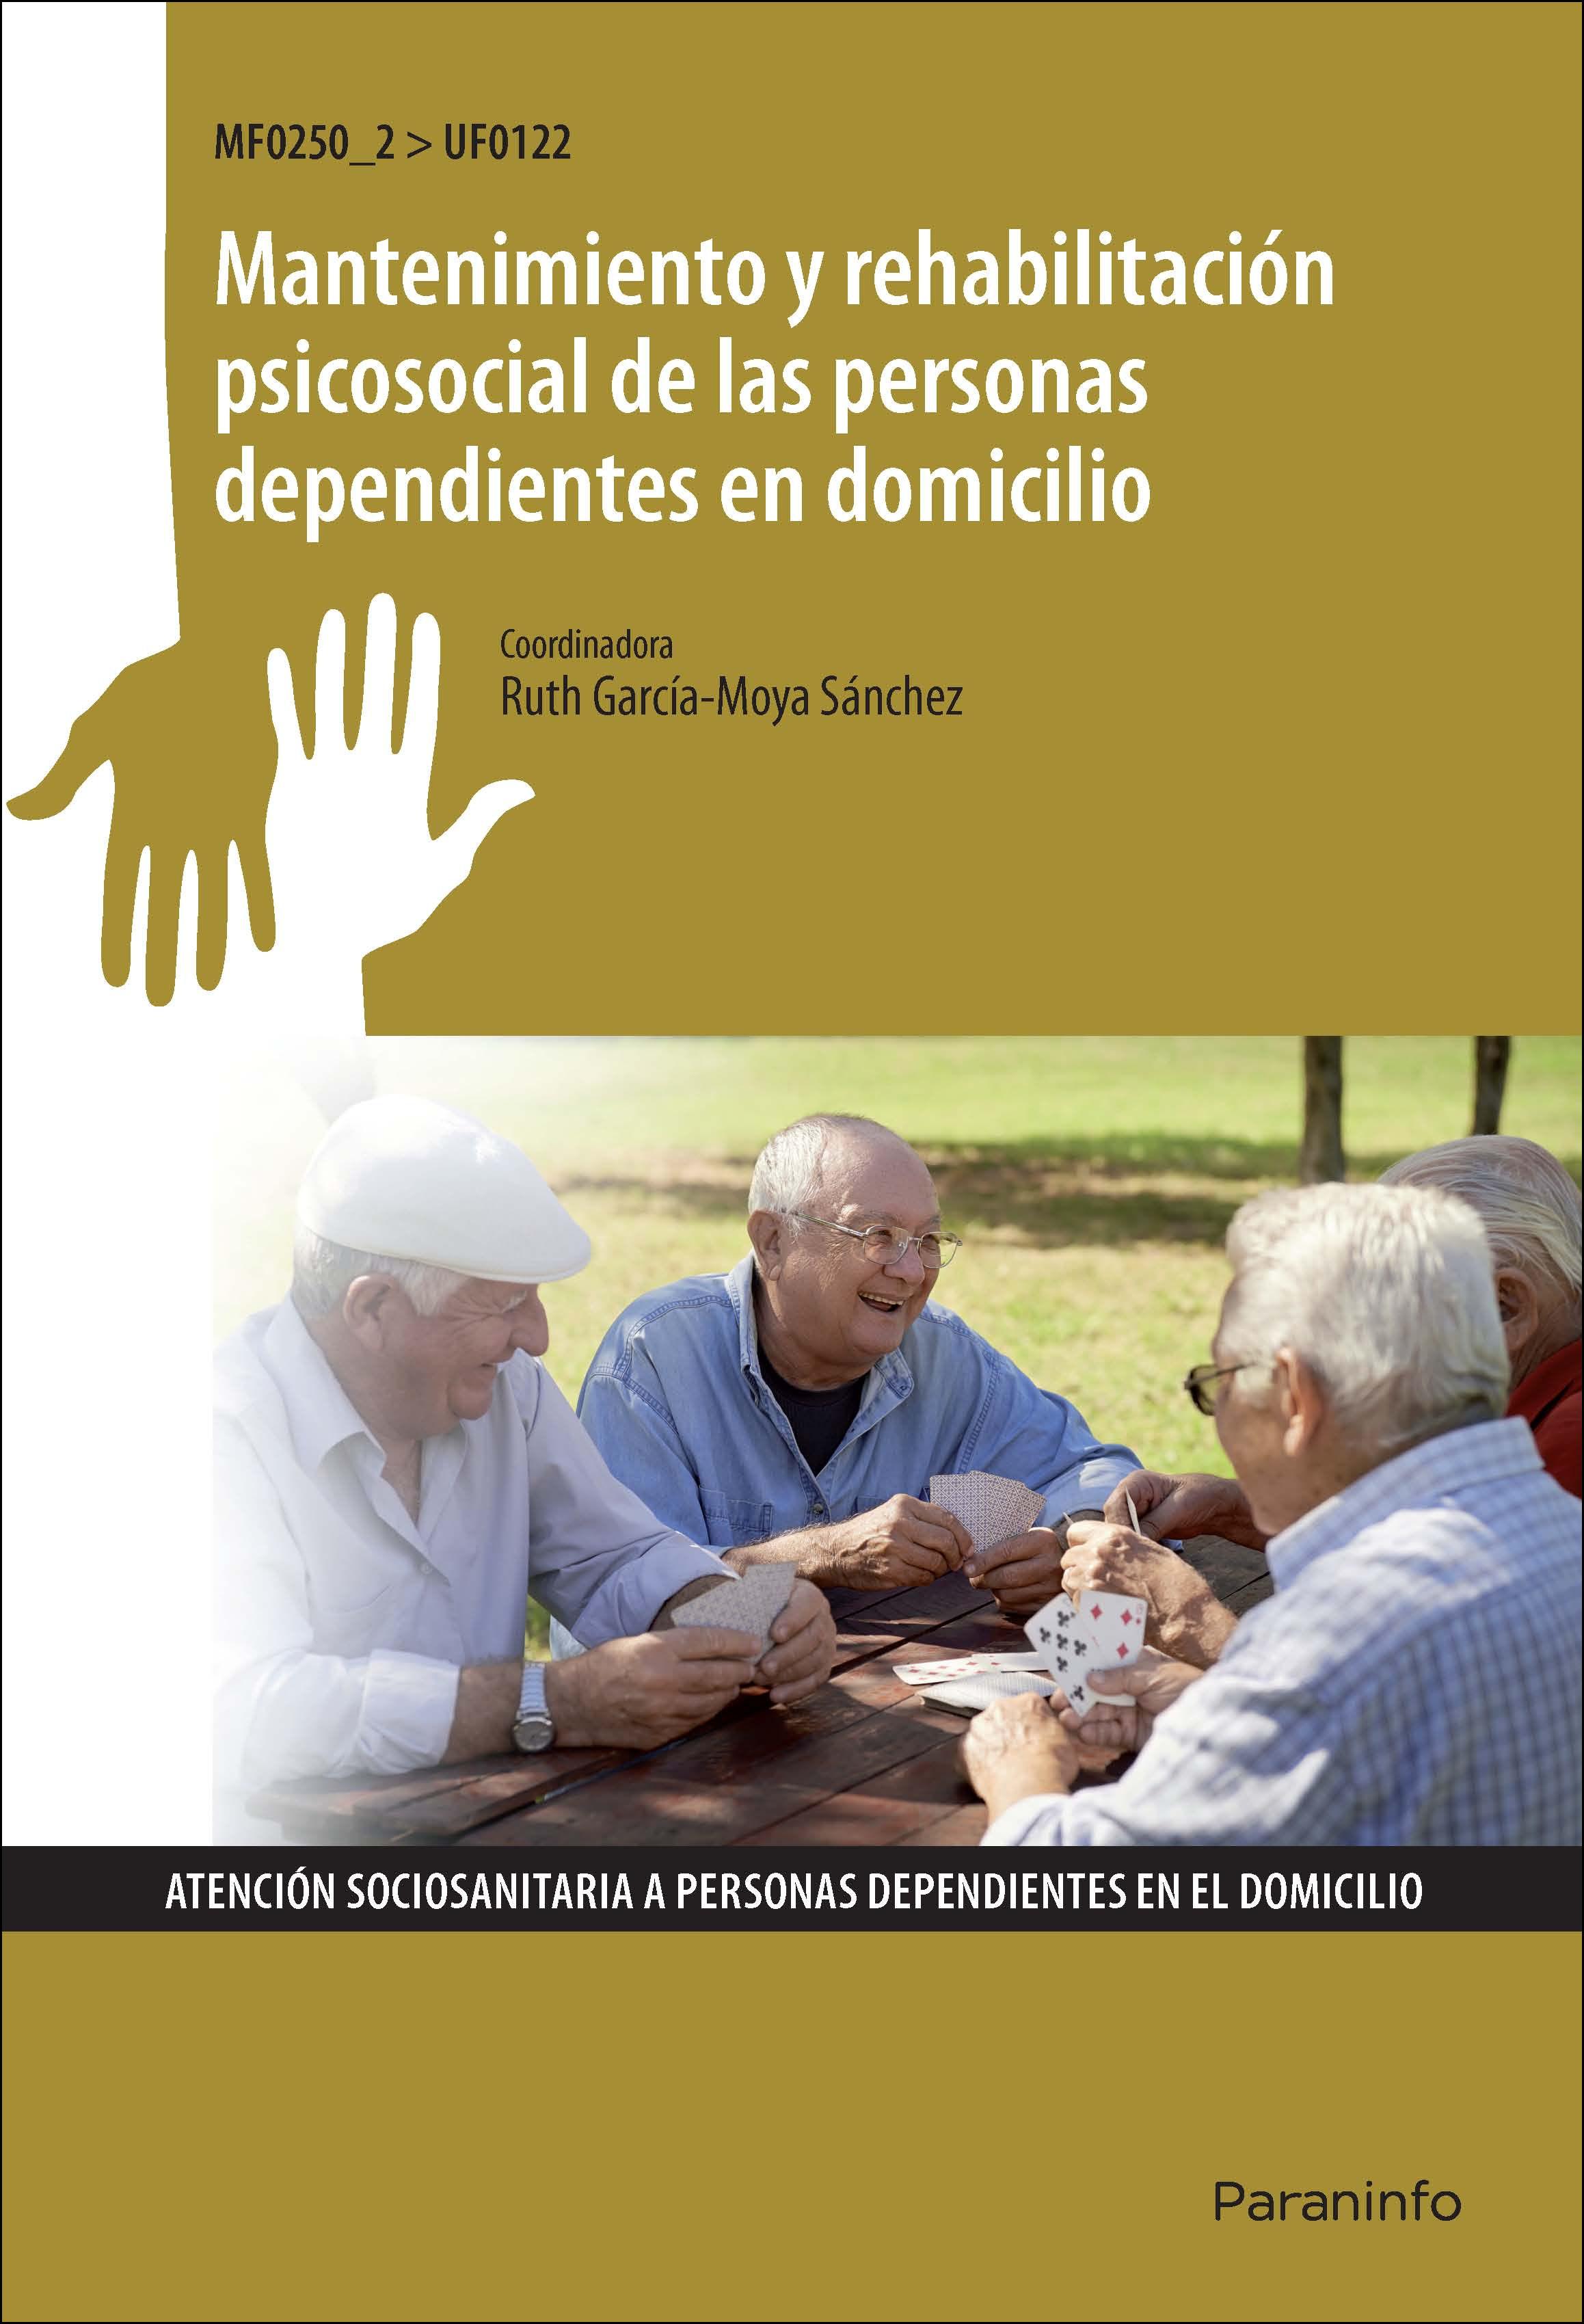 MANTENIMIENTO Y REHABILITACIÓN PSICOSOCIAL DE LAS PERSONAS DEPENDIENTES EN DOMIC